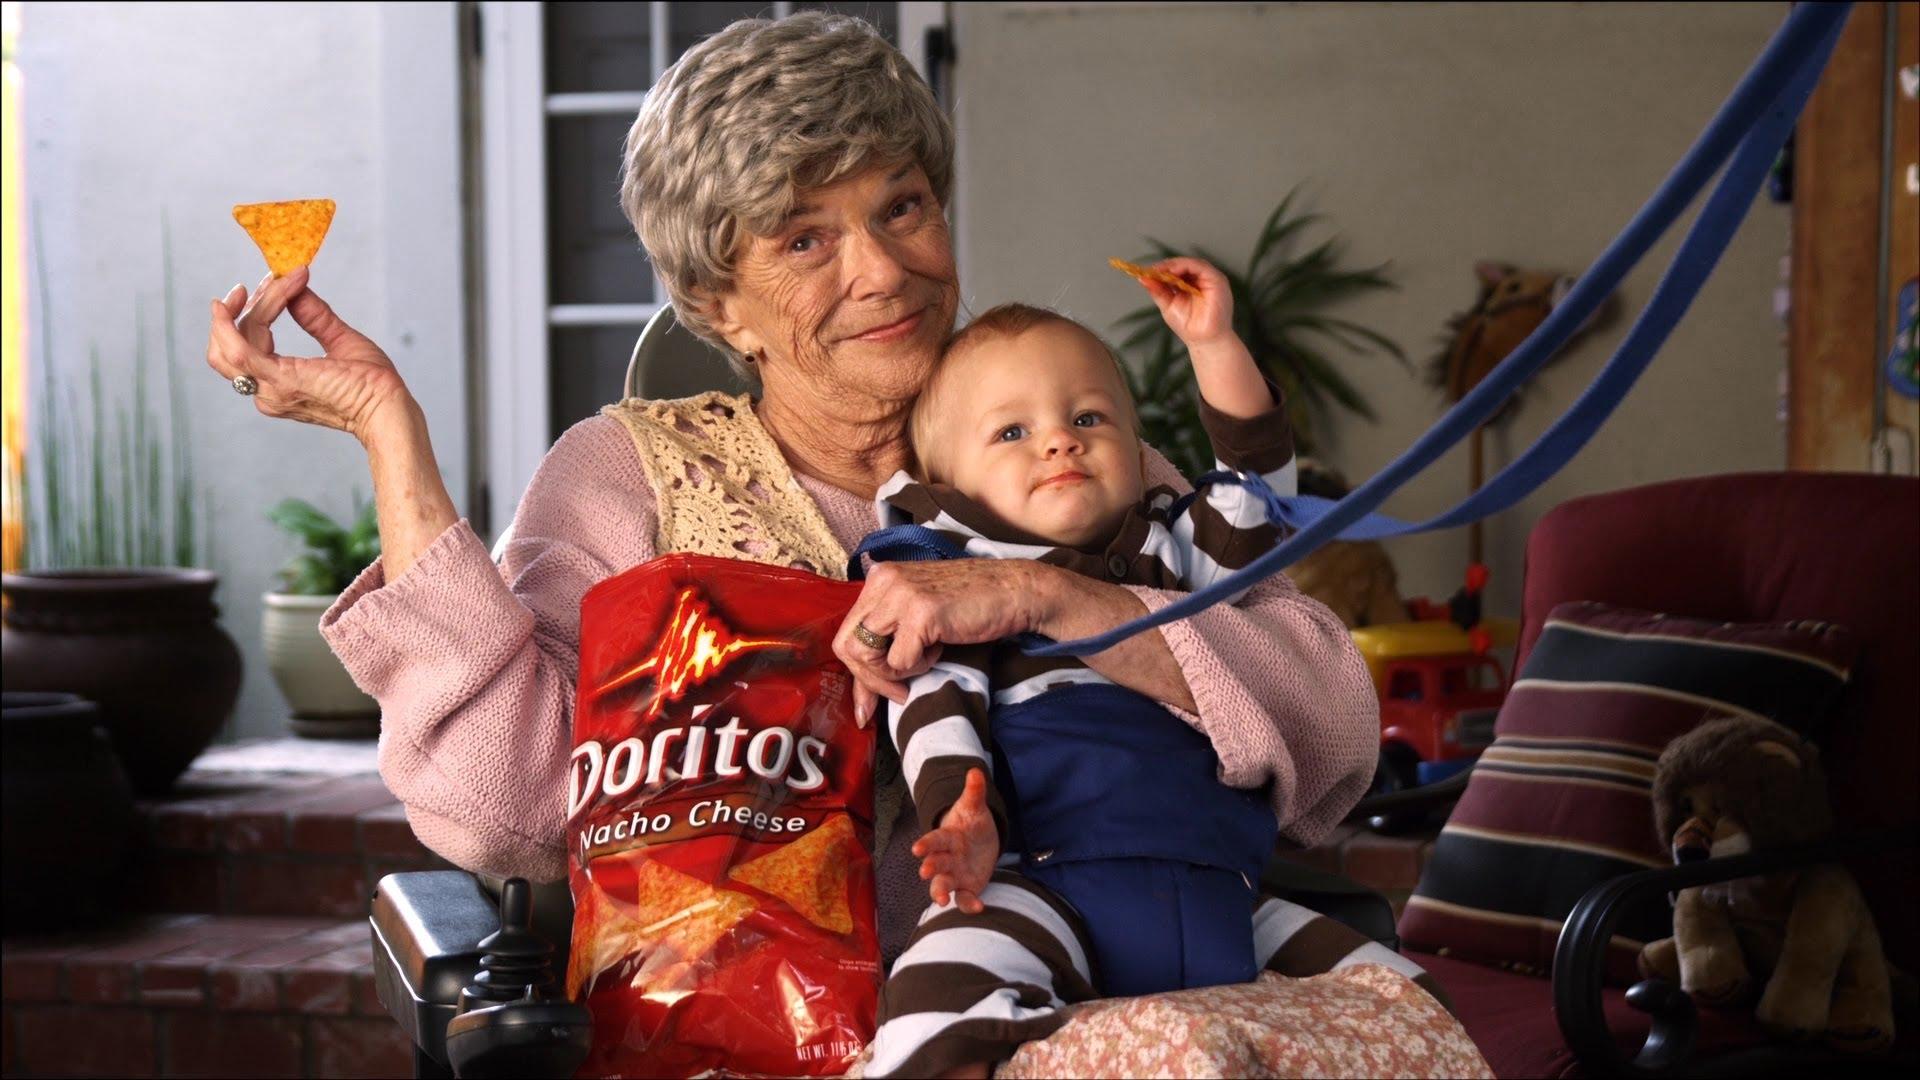 Sling Baby Doritos commercial.jpg